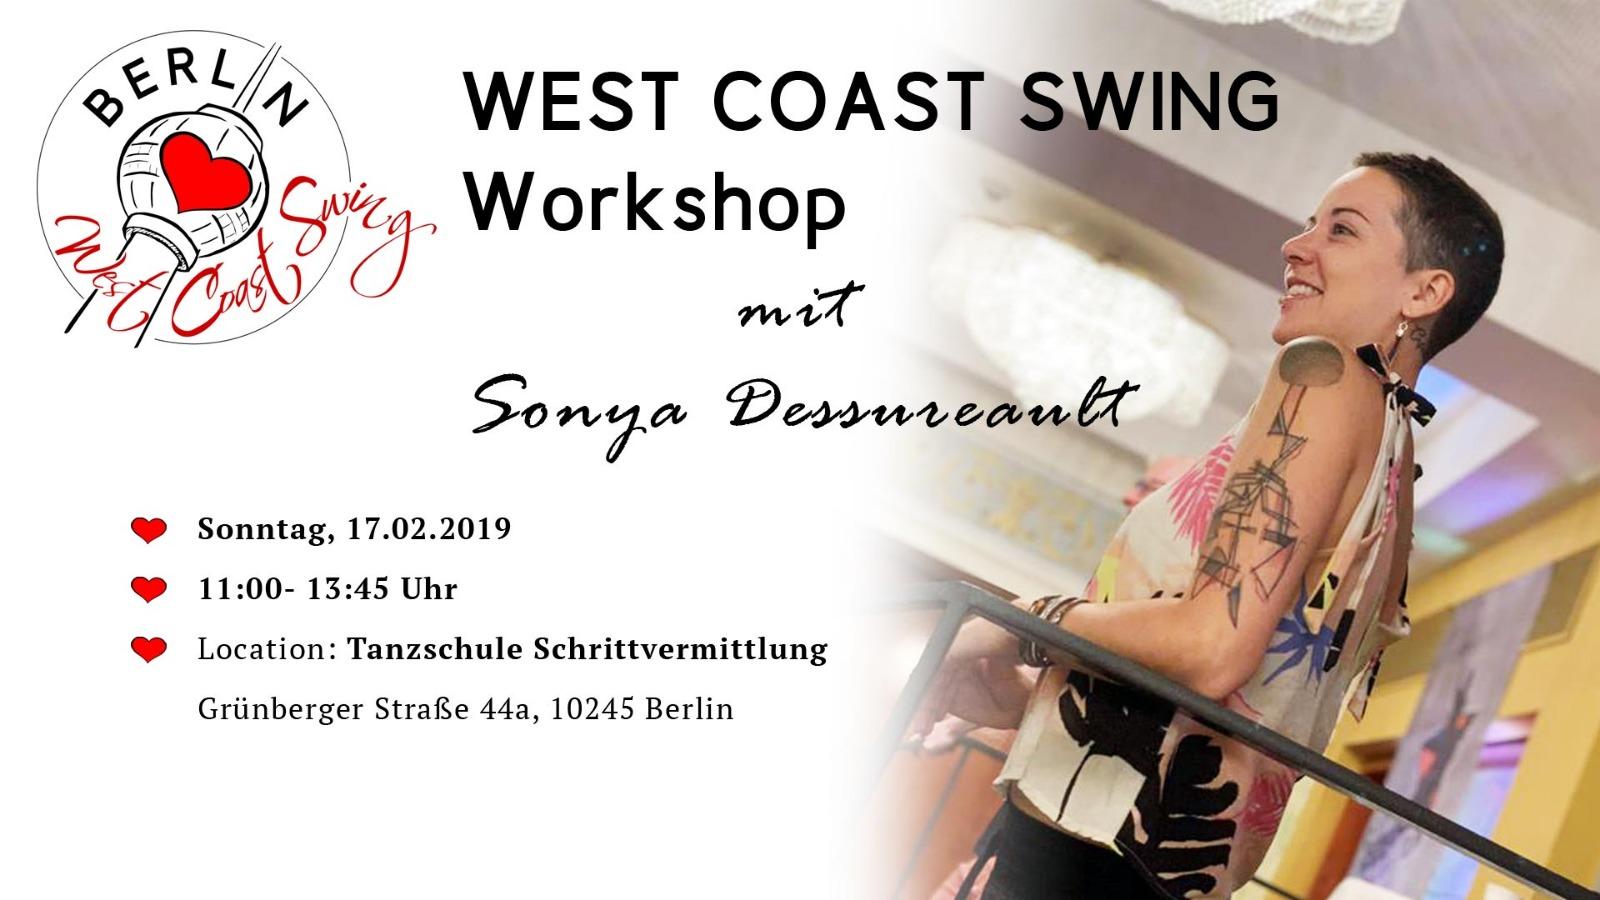 WCS Workshop mit Sonya Dessureault